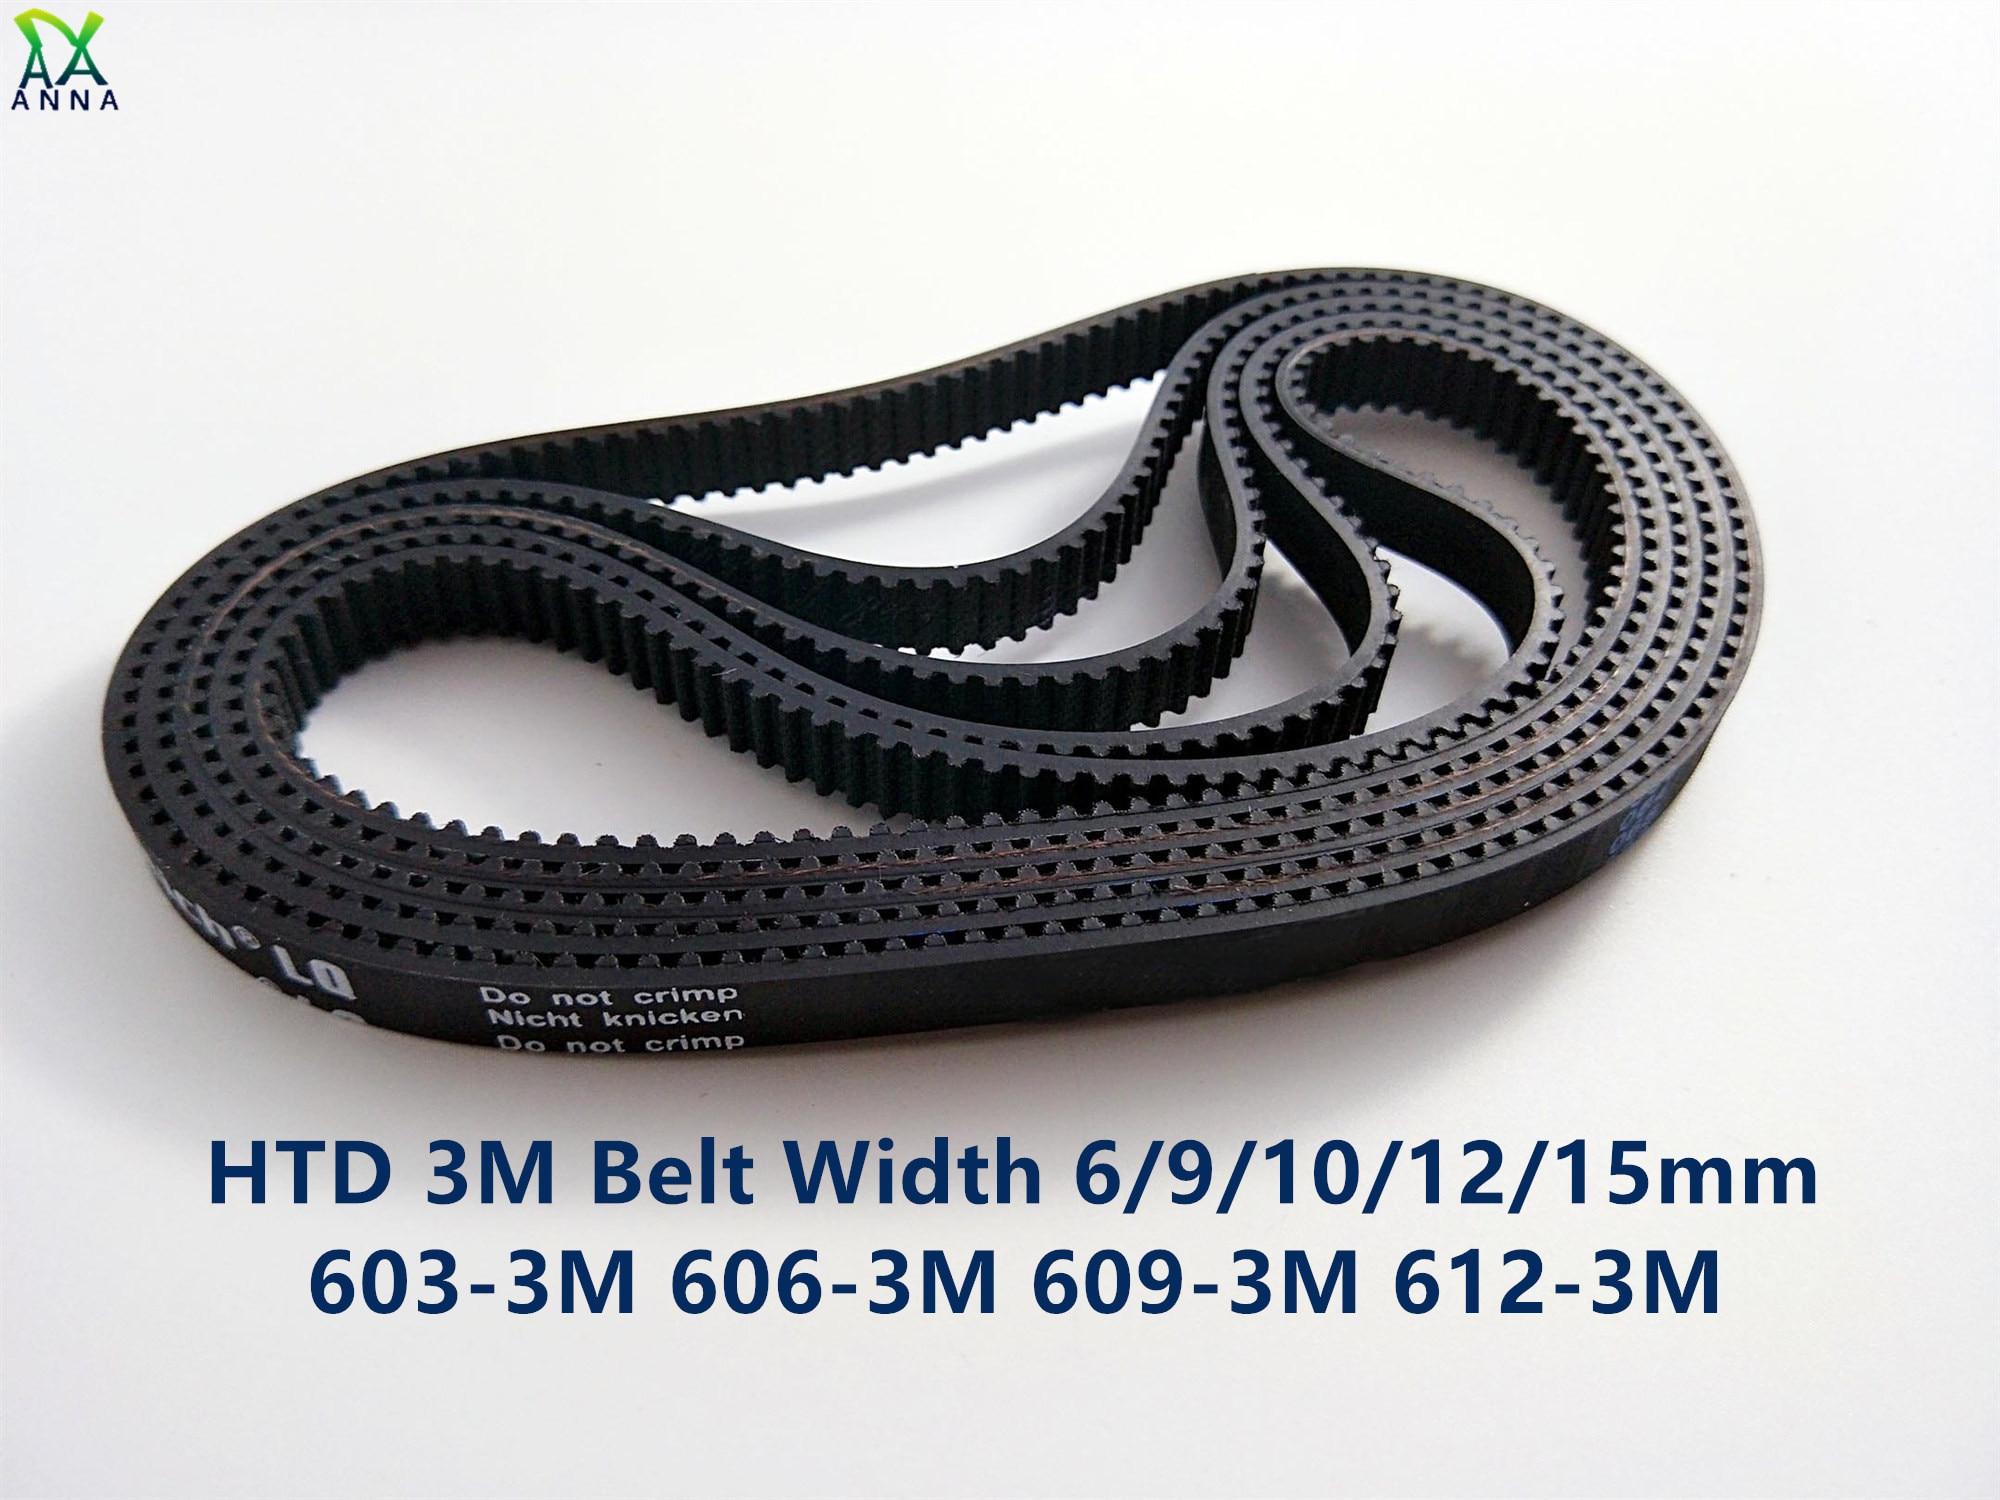 Courroie de synchronisation HTD 3M C = 603 606 609 largeur 612 dents 6/9/15mm 201 202 203 HTD3M synchrone 204-3M 603-3M 606-3M 609-3M 612 M